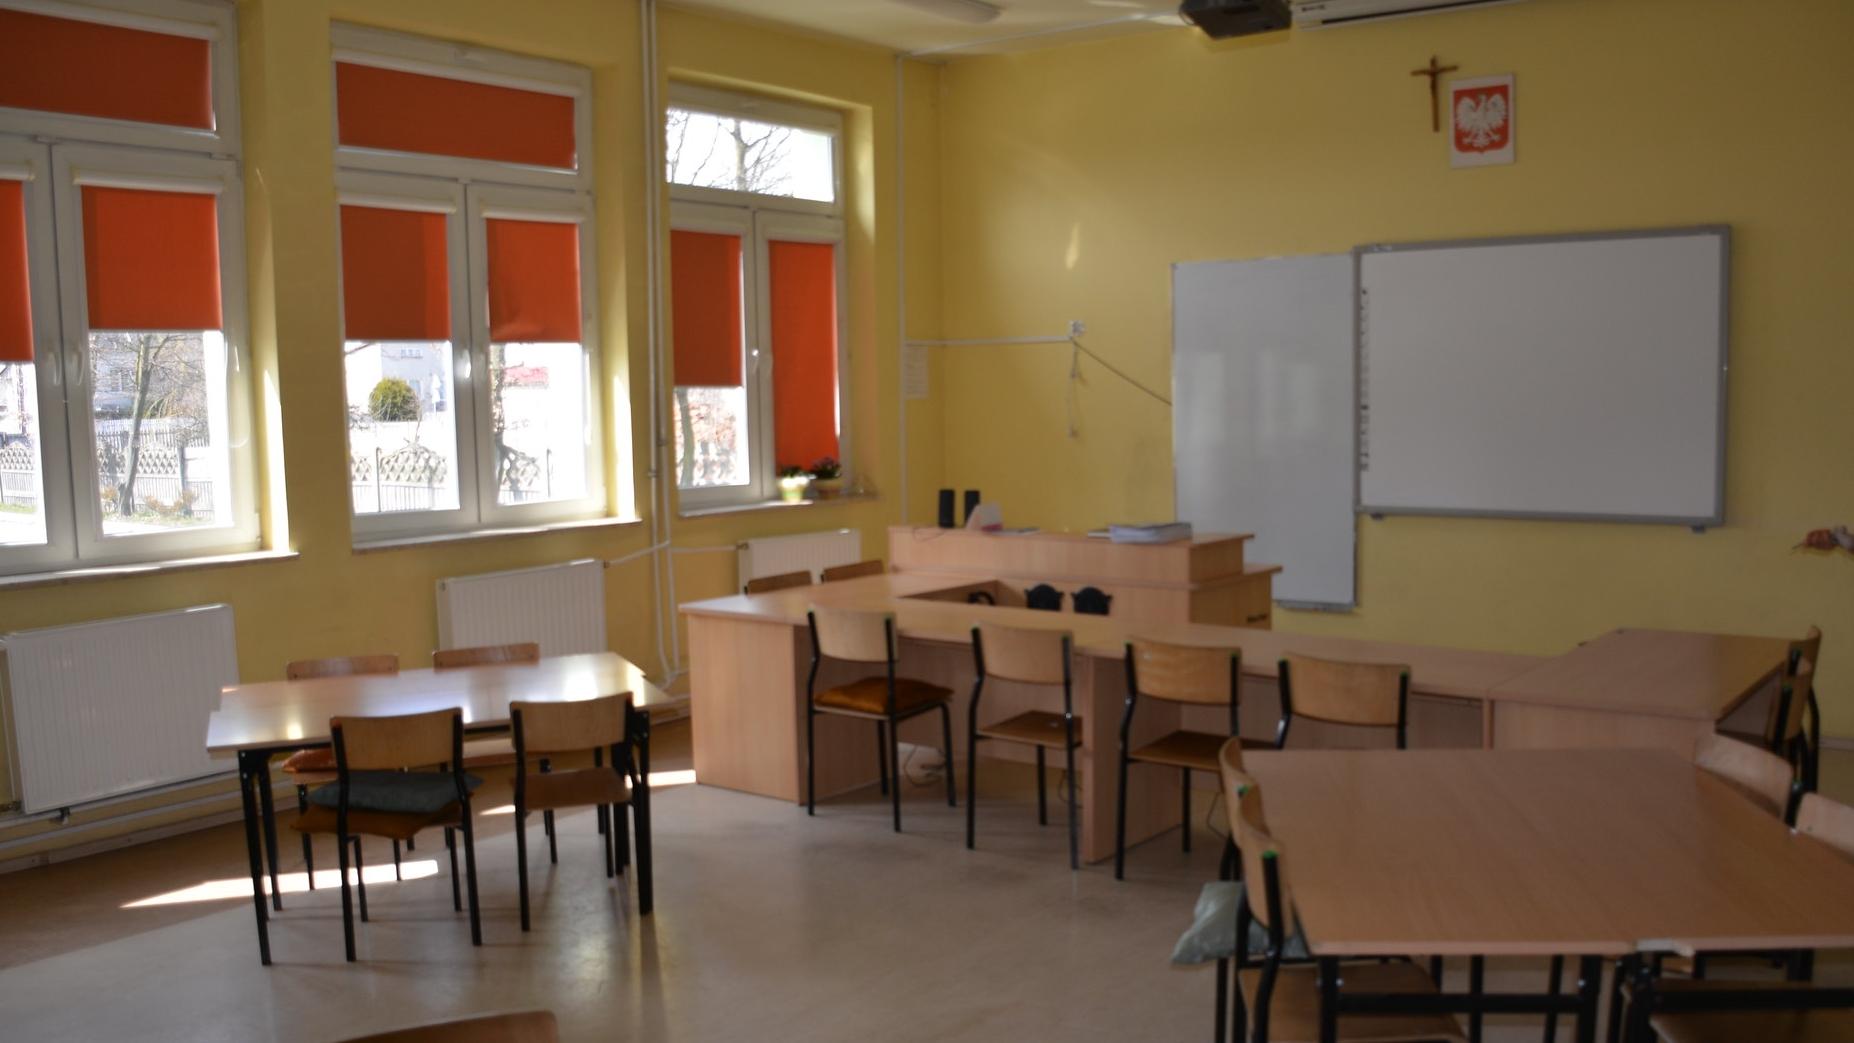 """Gdańsk. Połowa uczniów szkół średnich zrezygnowała z lekcji religii. """"Biskupi zabijają wiarę"""""""